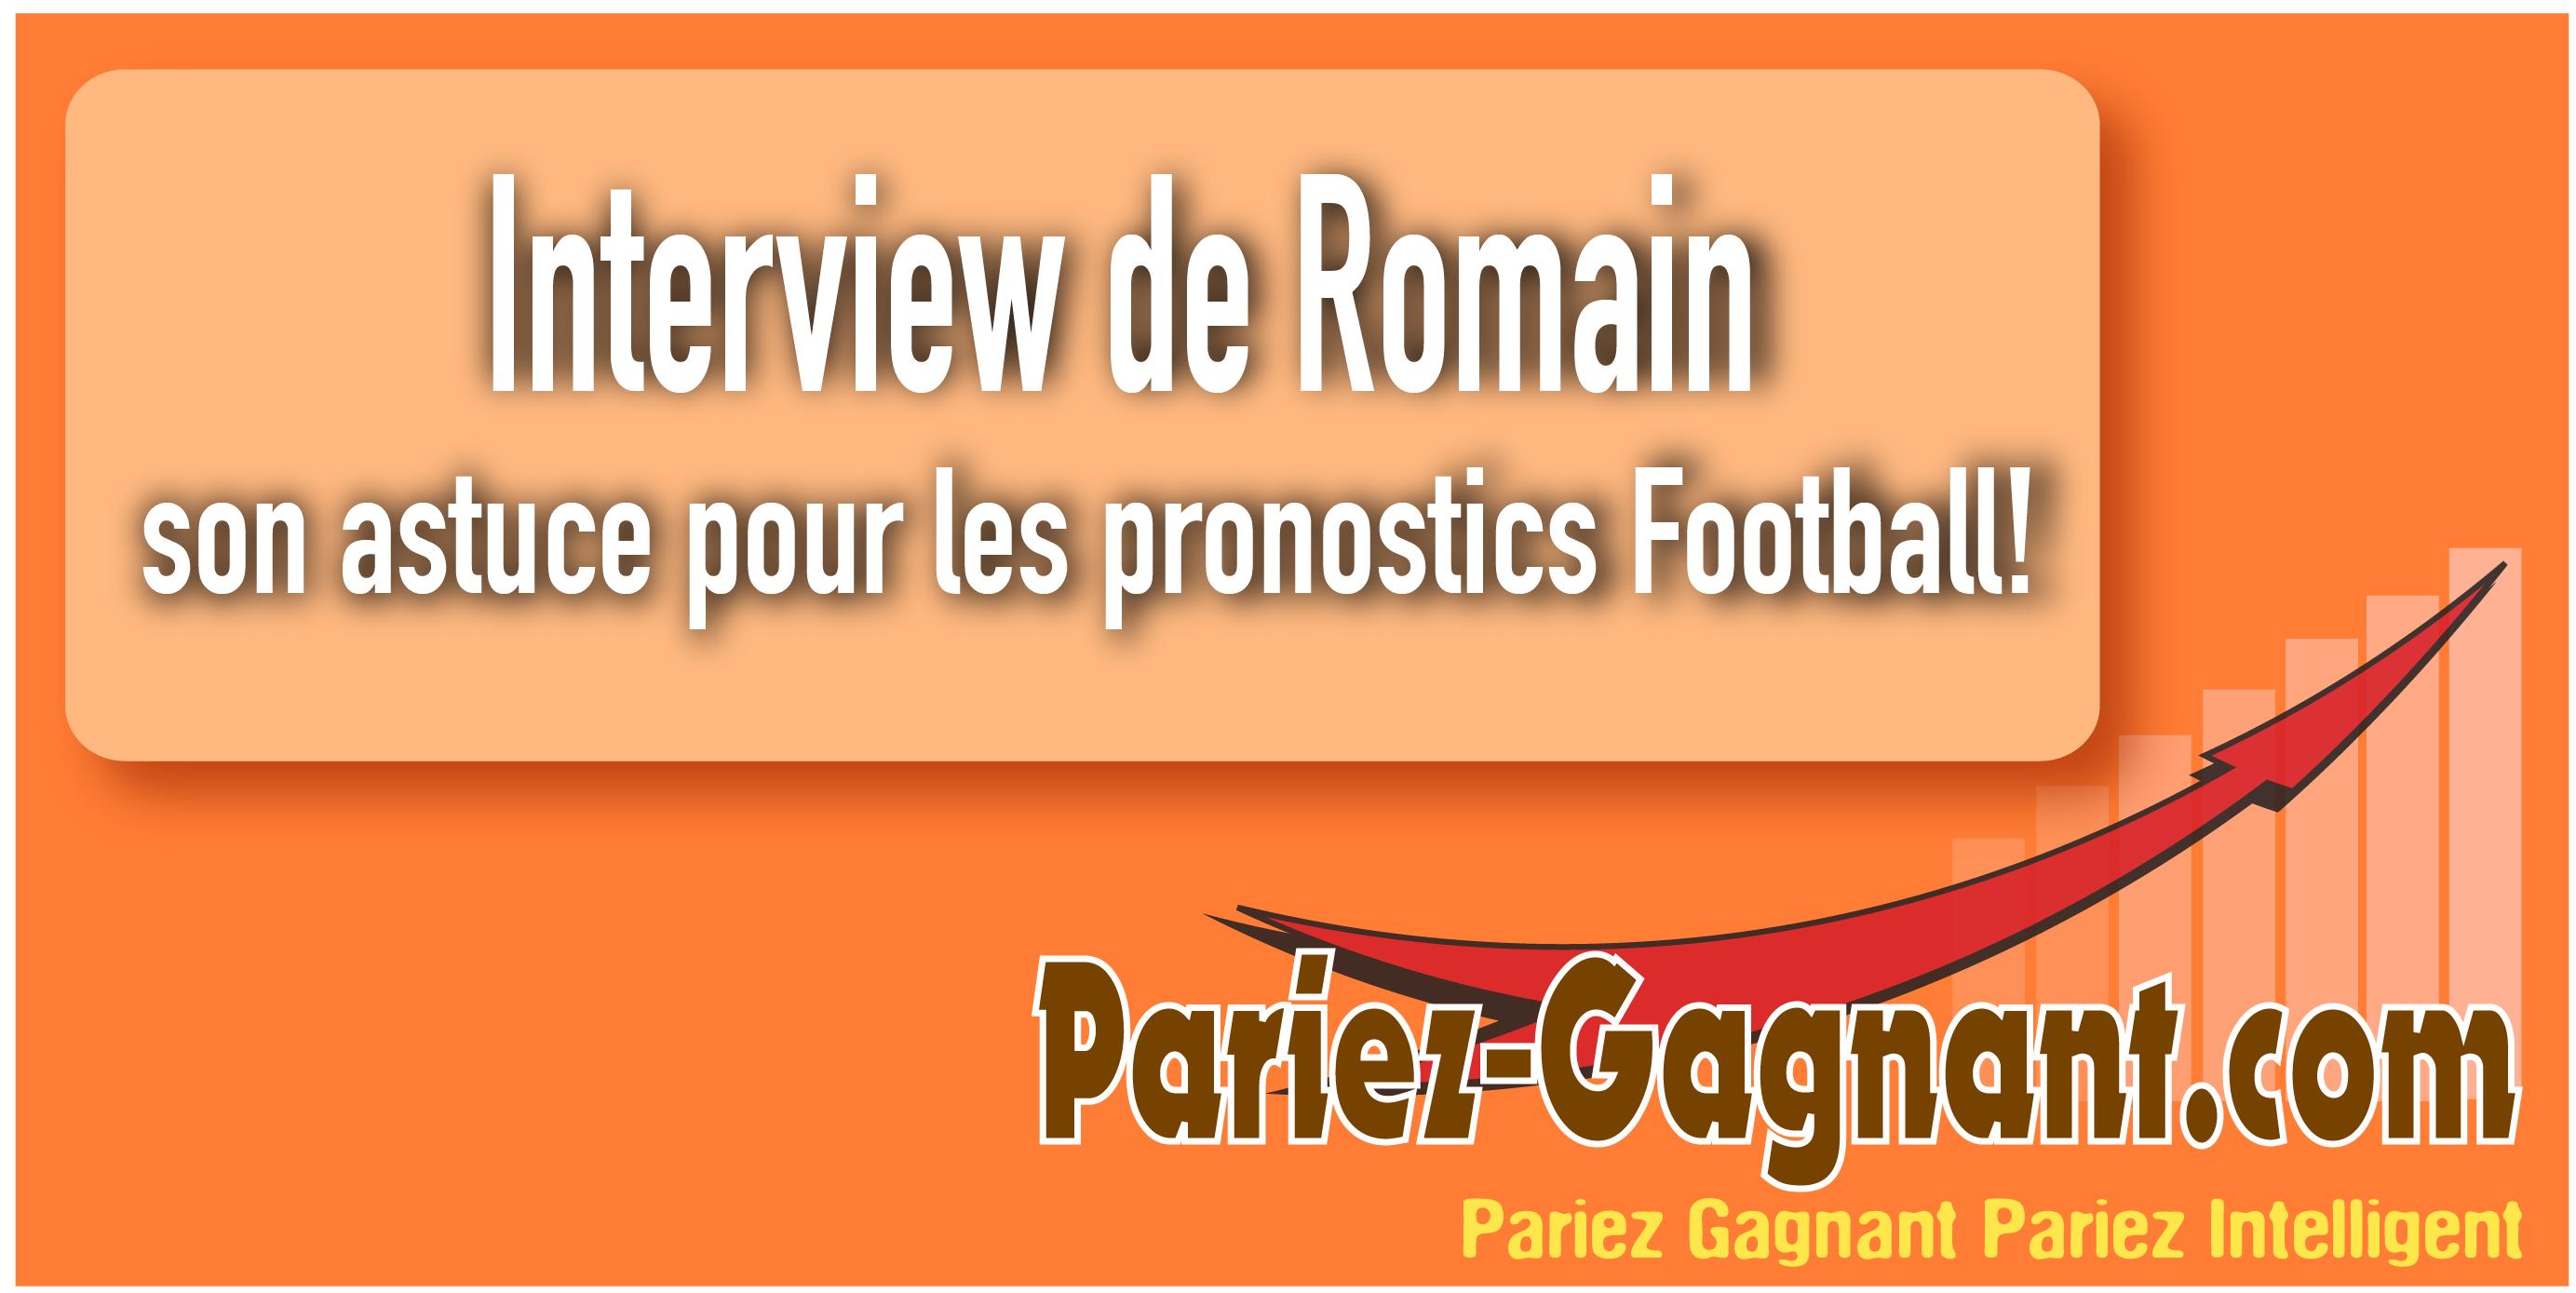 interview de Romain Pronostar.Fr